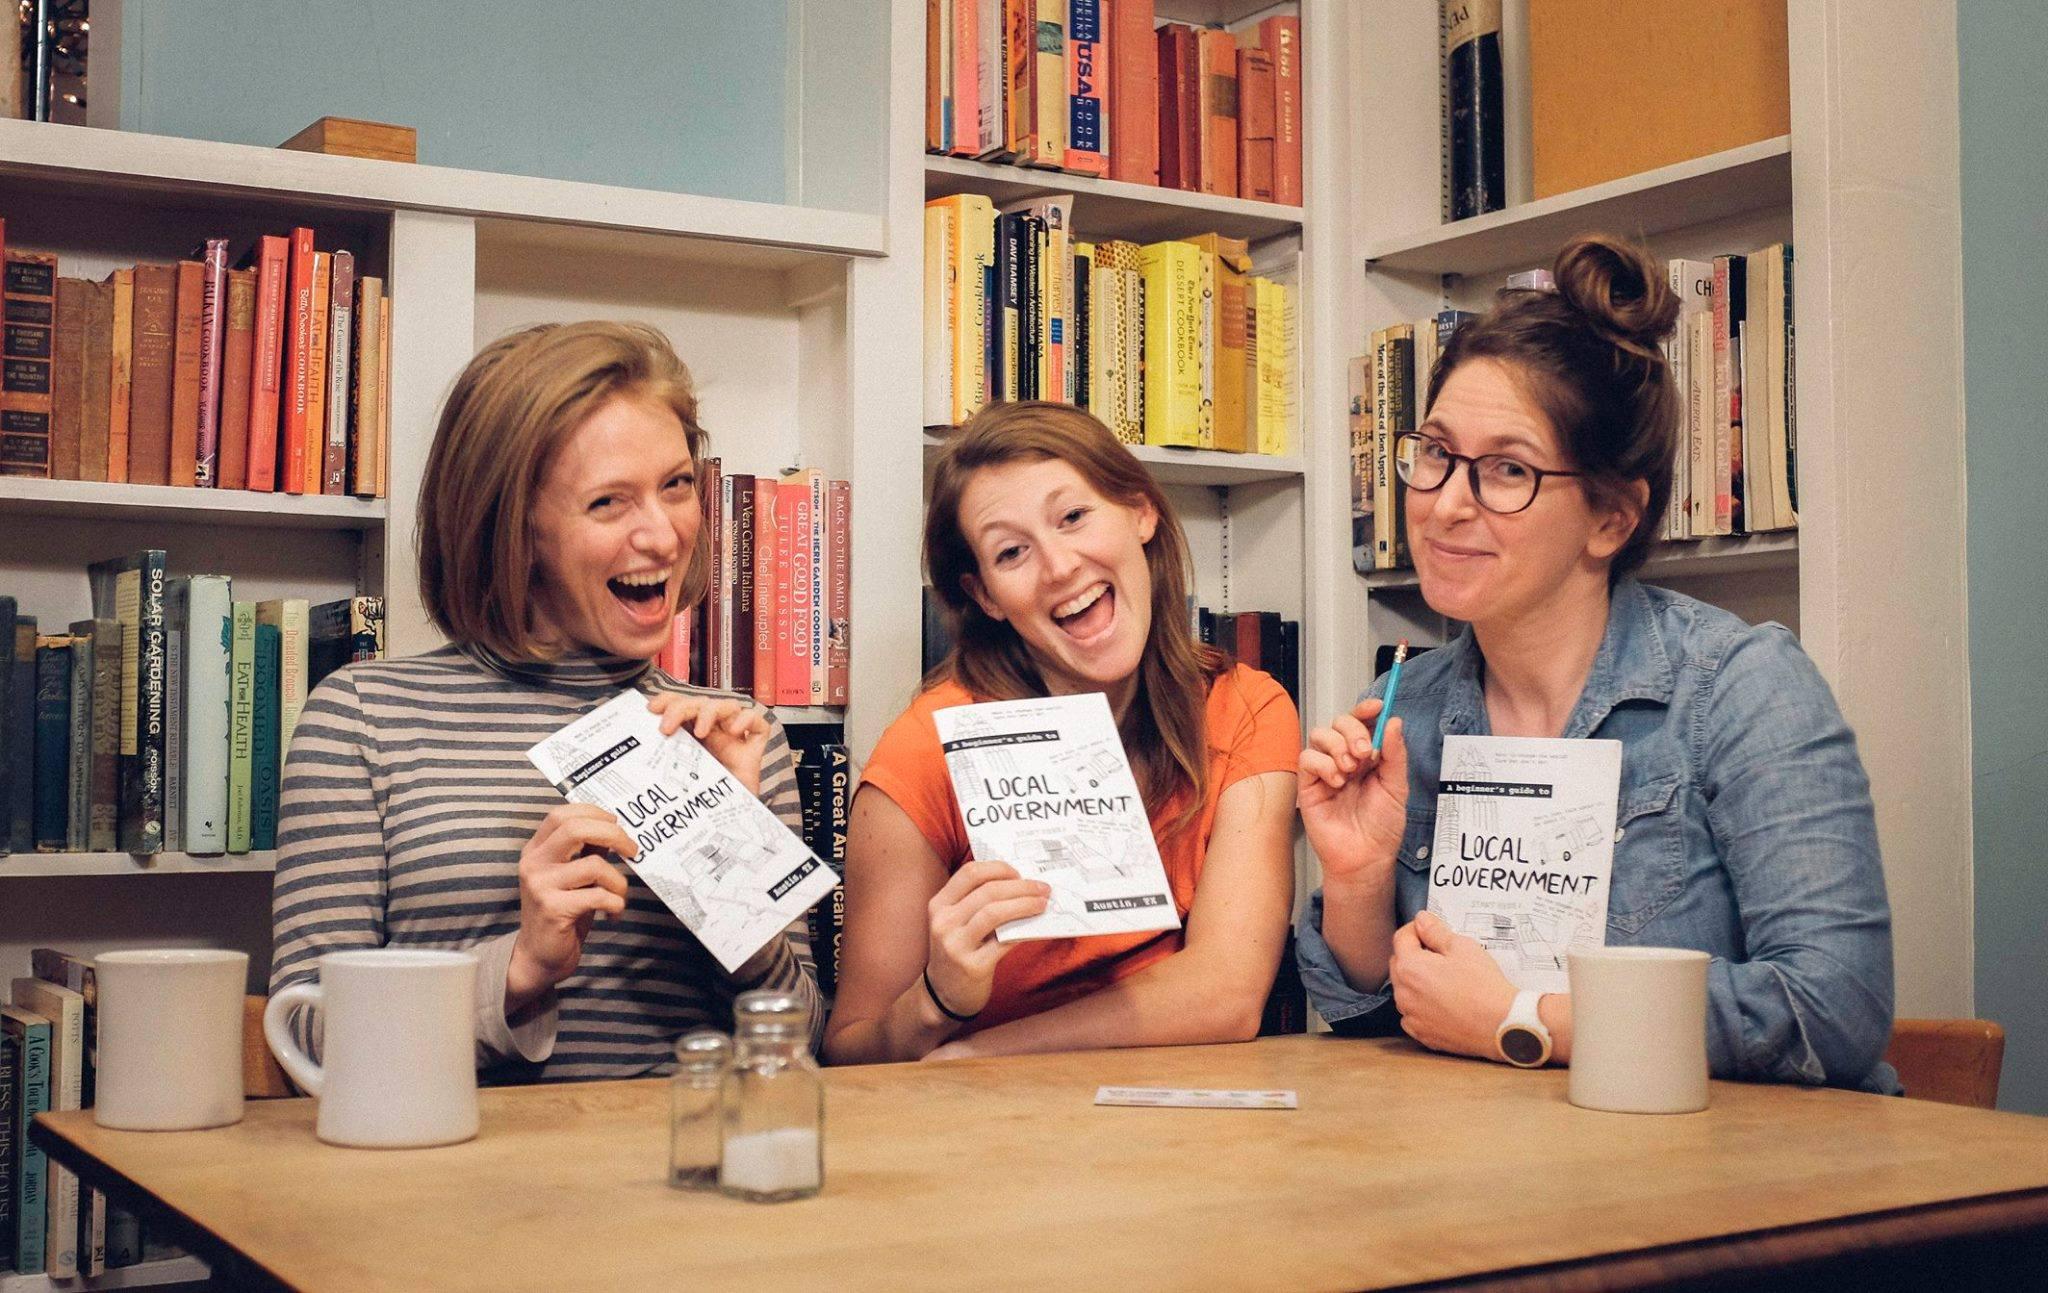 All 3 Of Us Books.jpg